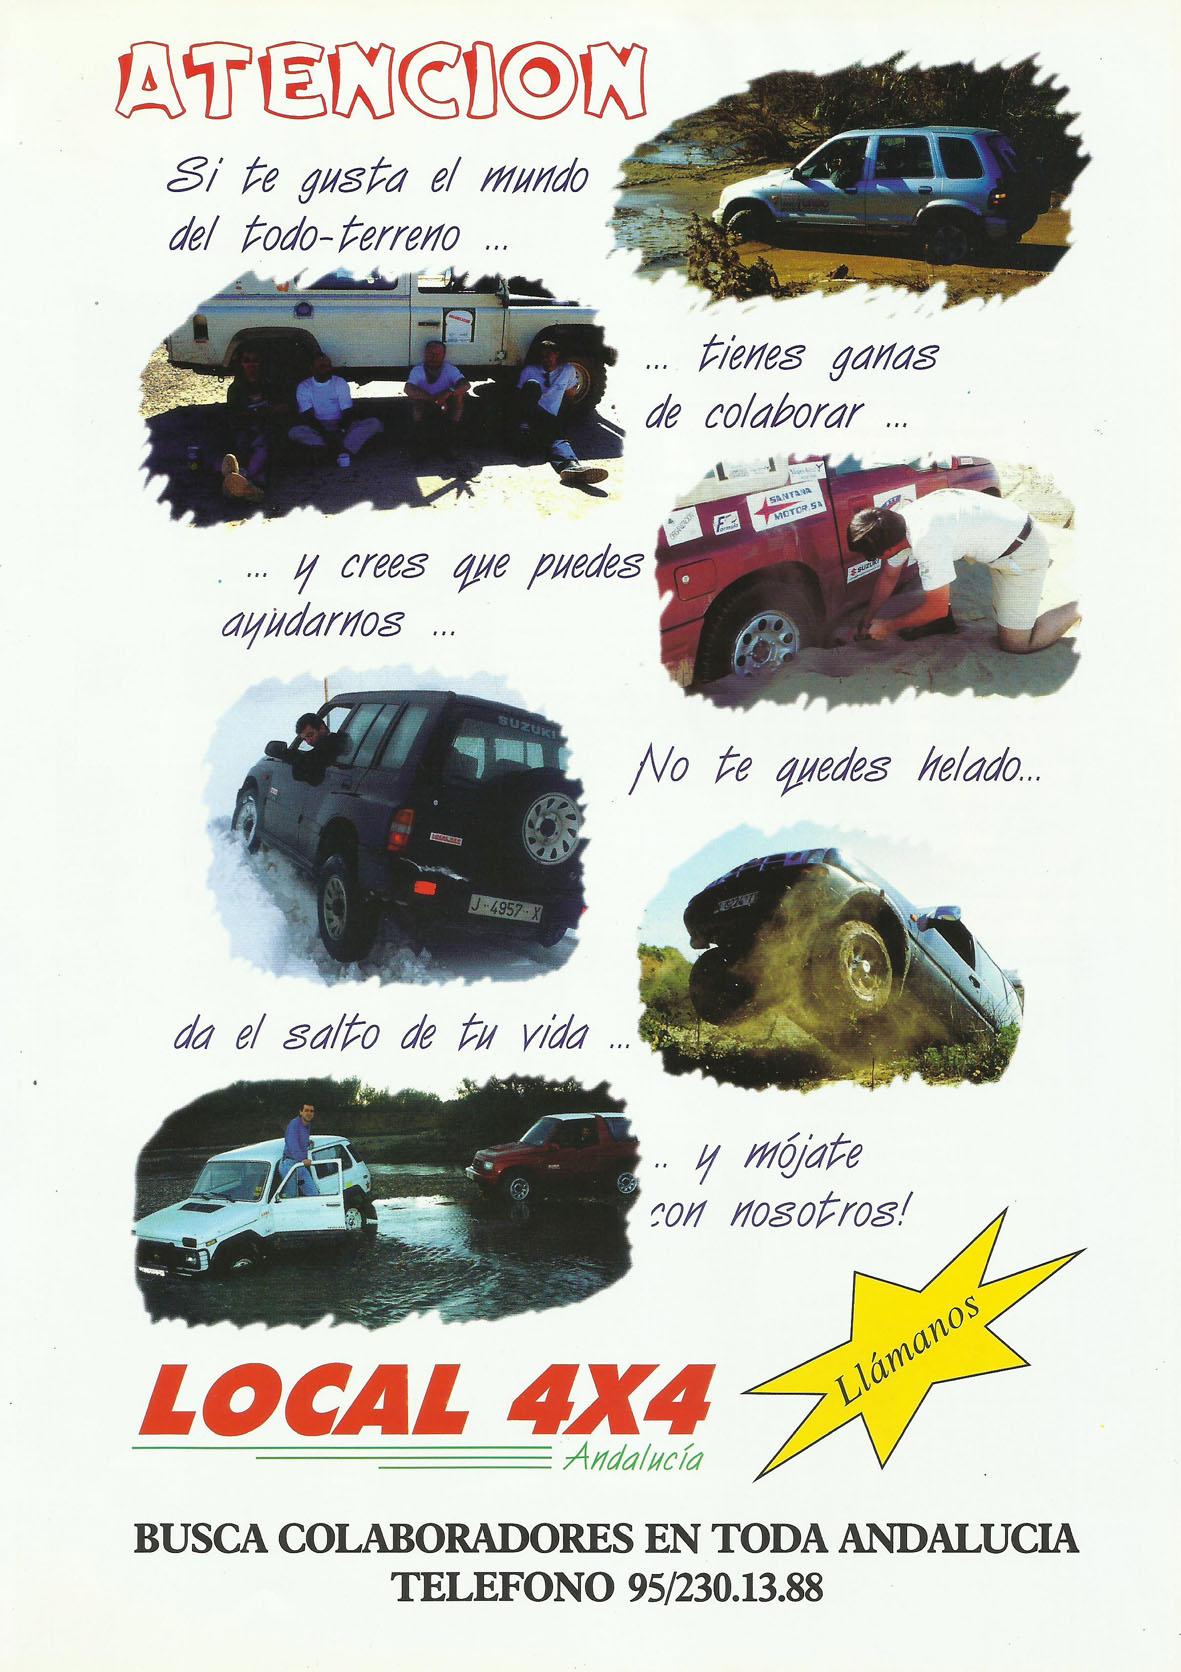 Revista Local 4x4 32 25 Publicidad Colaboradores Revista Local 4x4